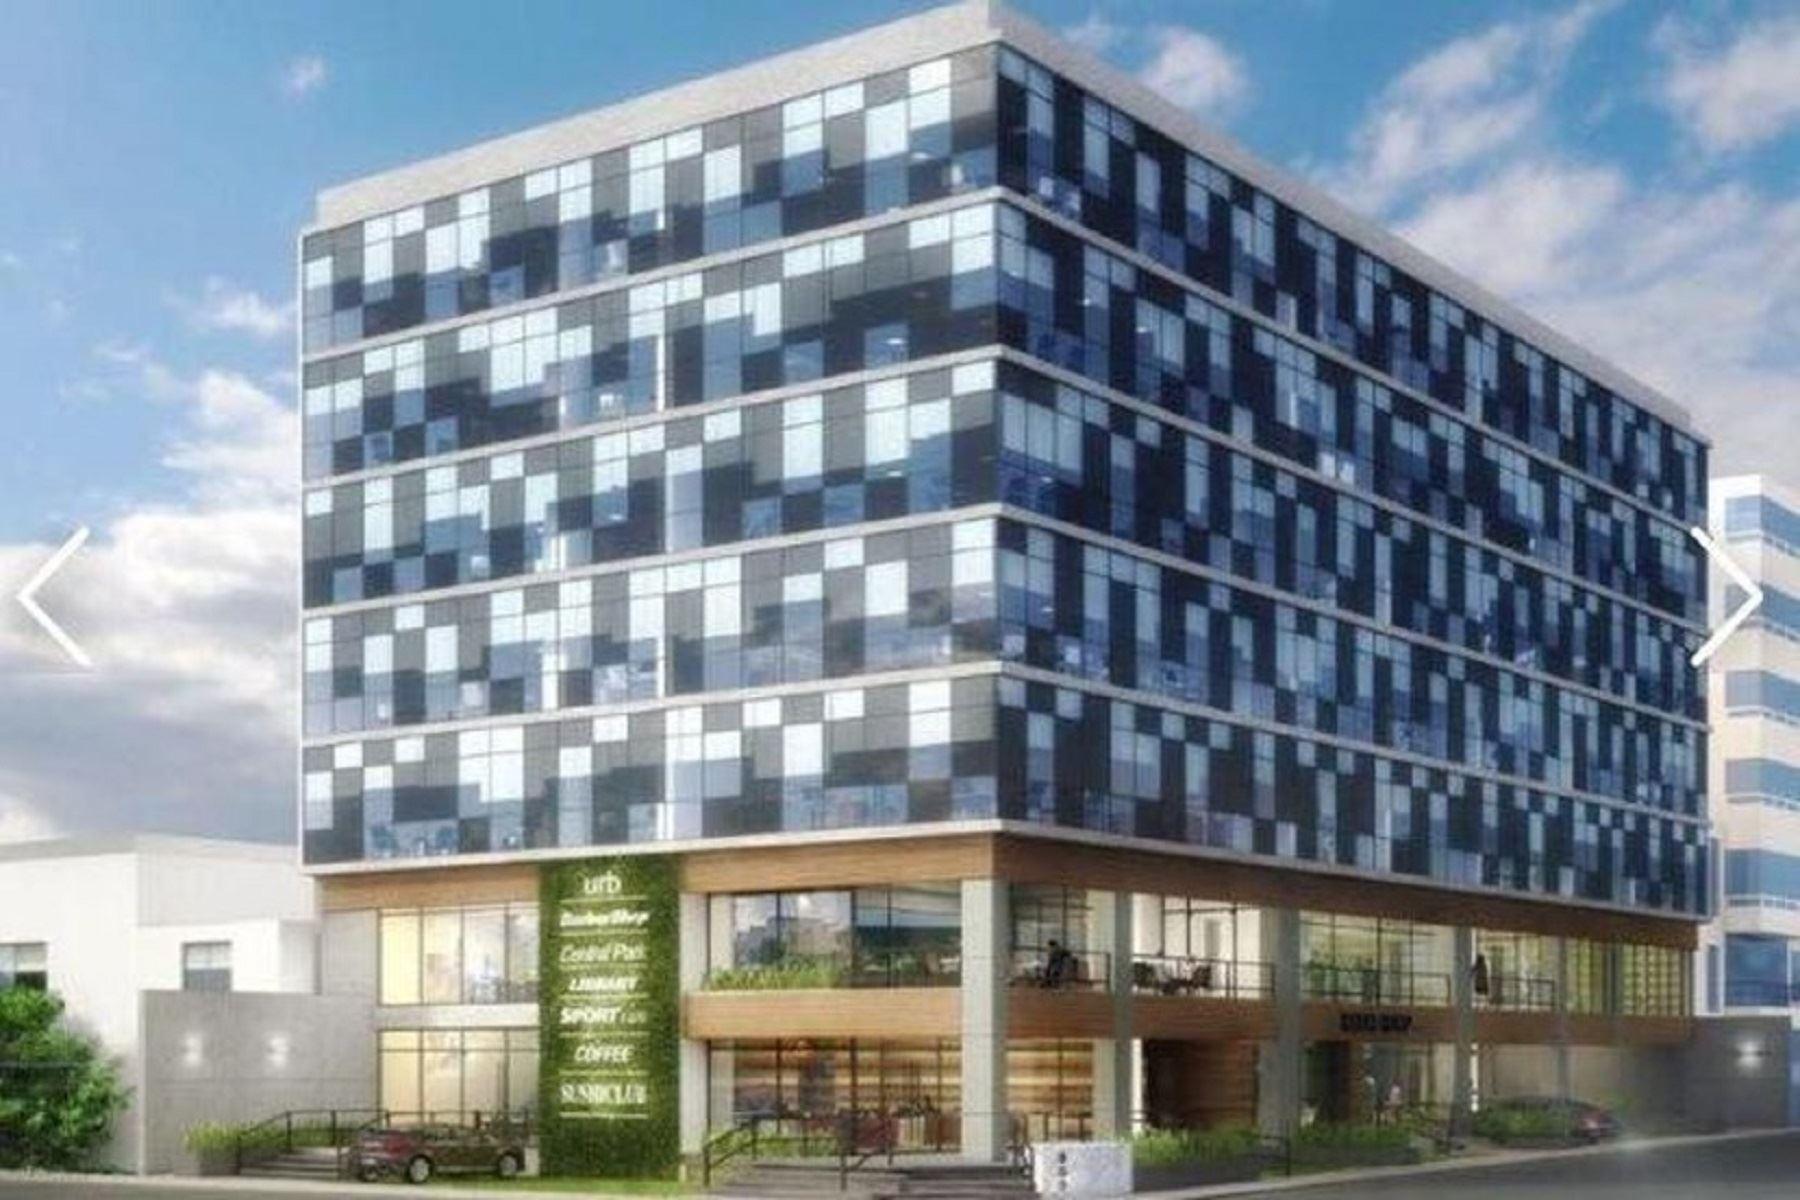 Miraflores permitirá construcción de tiendas en edificios multifamiliares. Foto: municipalidad de Miraflores.